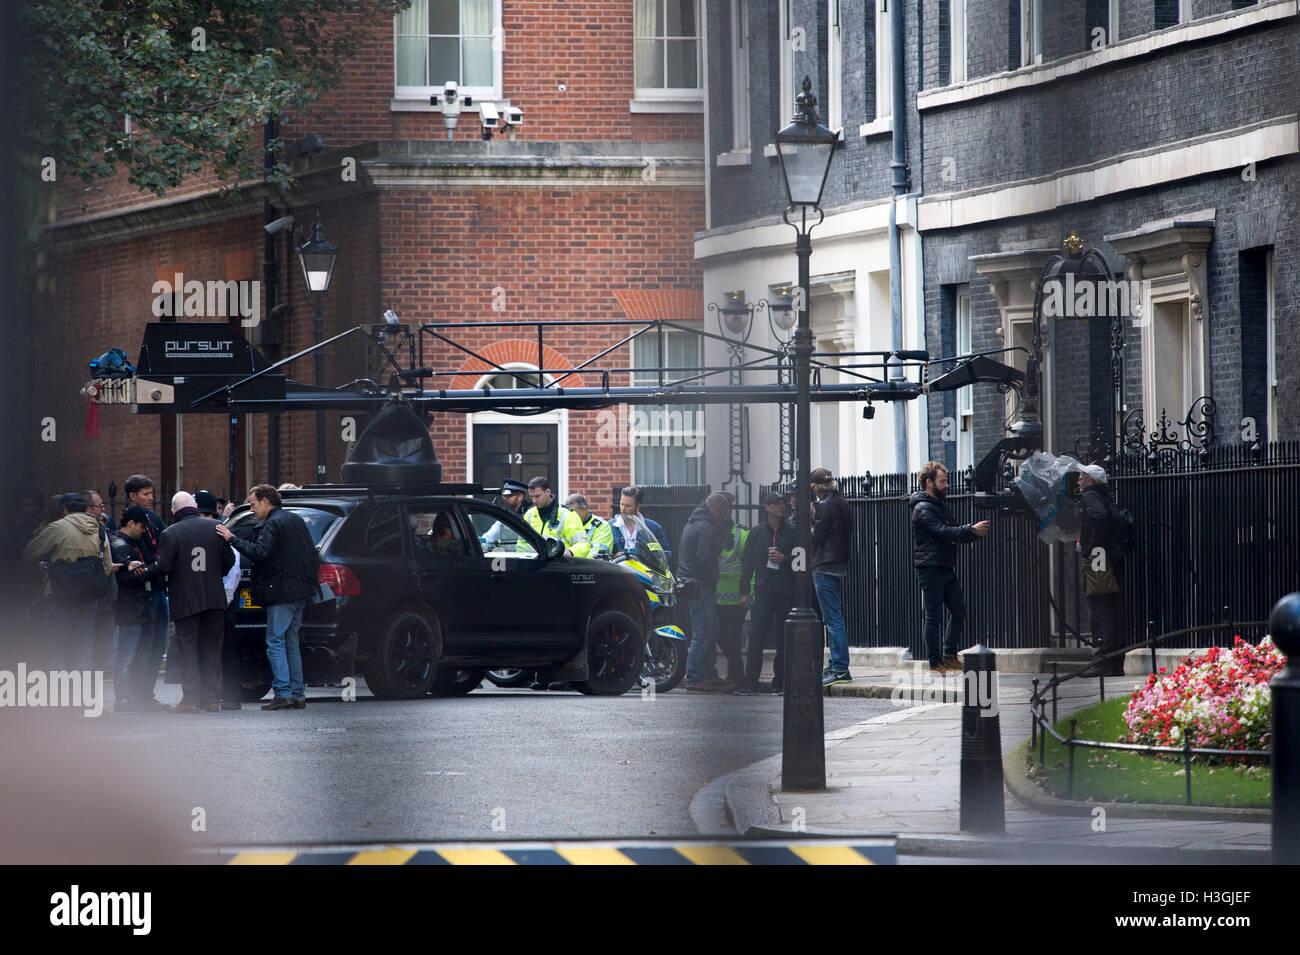 Londra, Regno Unito. 8 Ottobre, 2016. Le riprese del nuovo film di trasformatori a Downing Street sulle fasi di n10 Credito: PAOLO GROVER/Alamy Live News Foto Stock